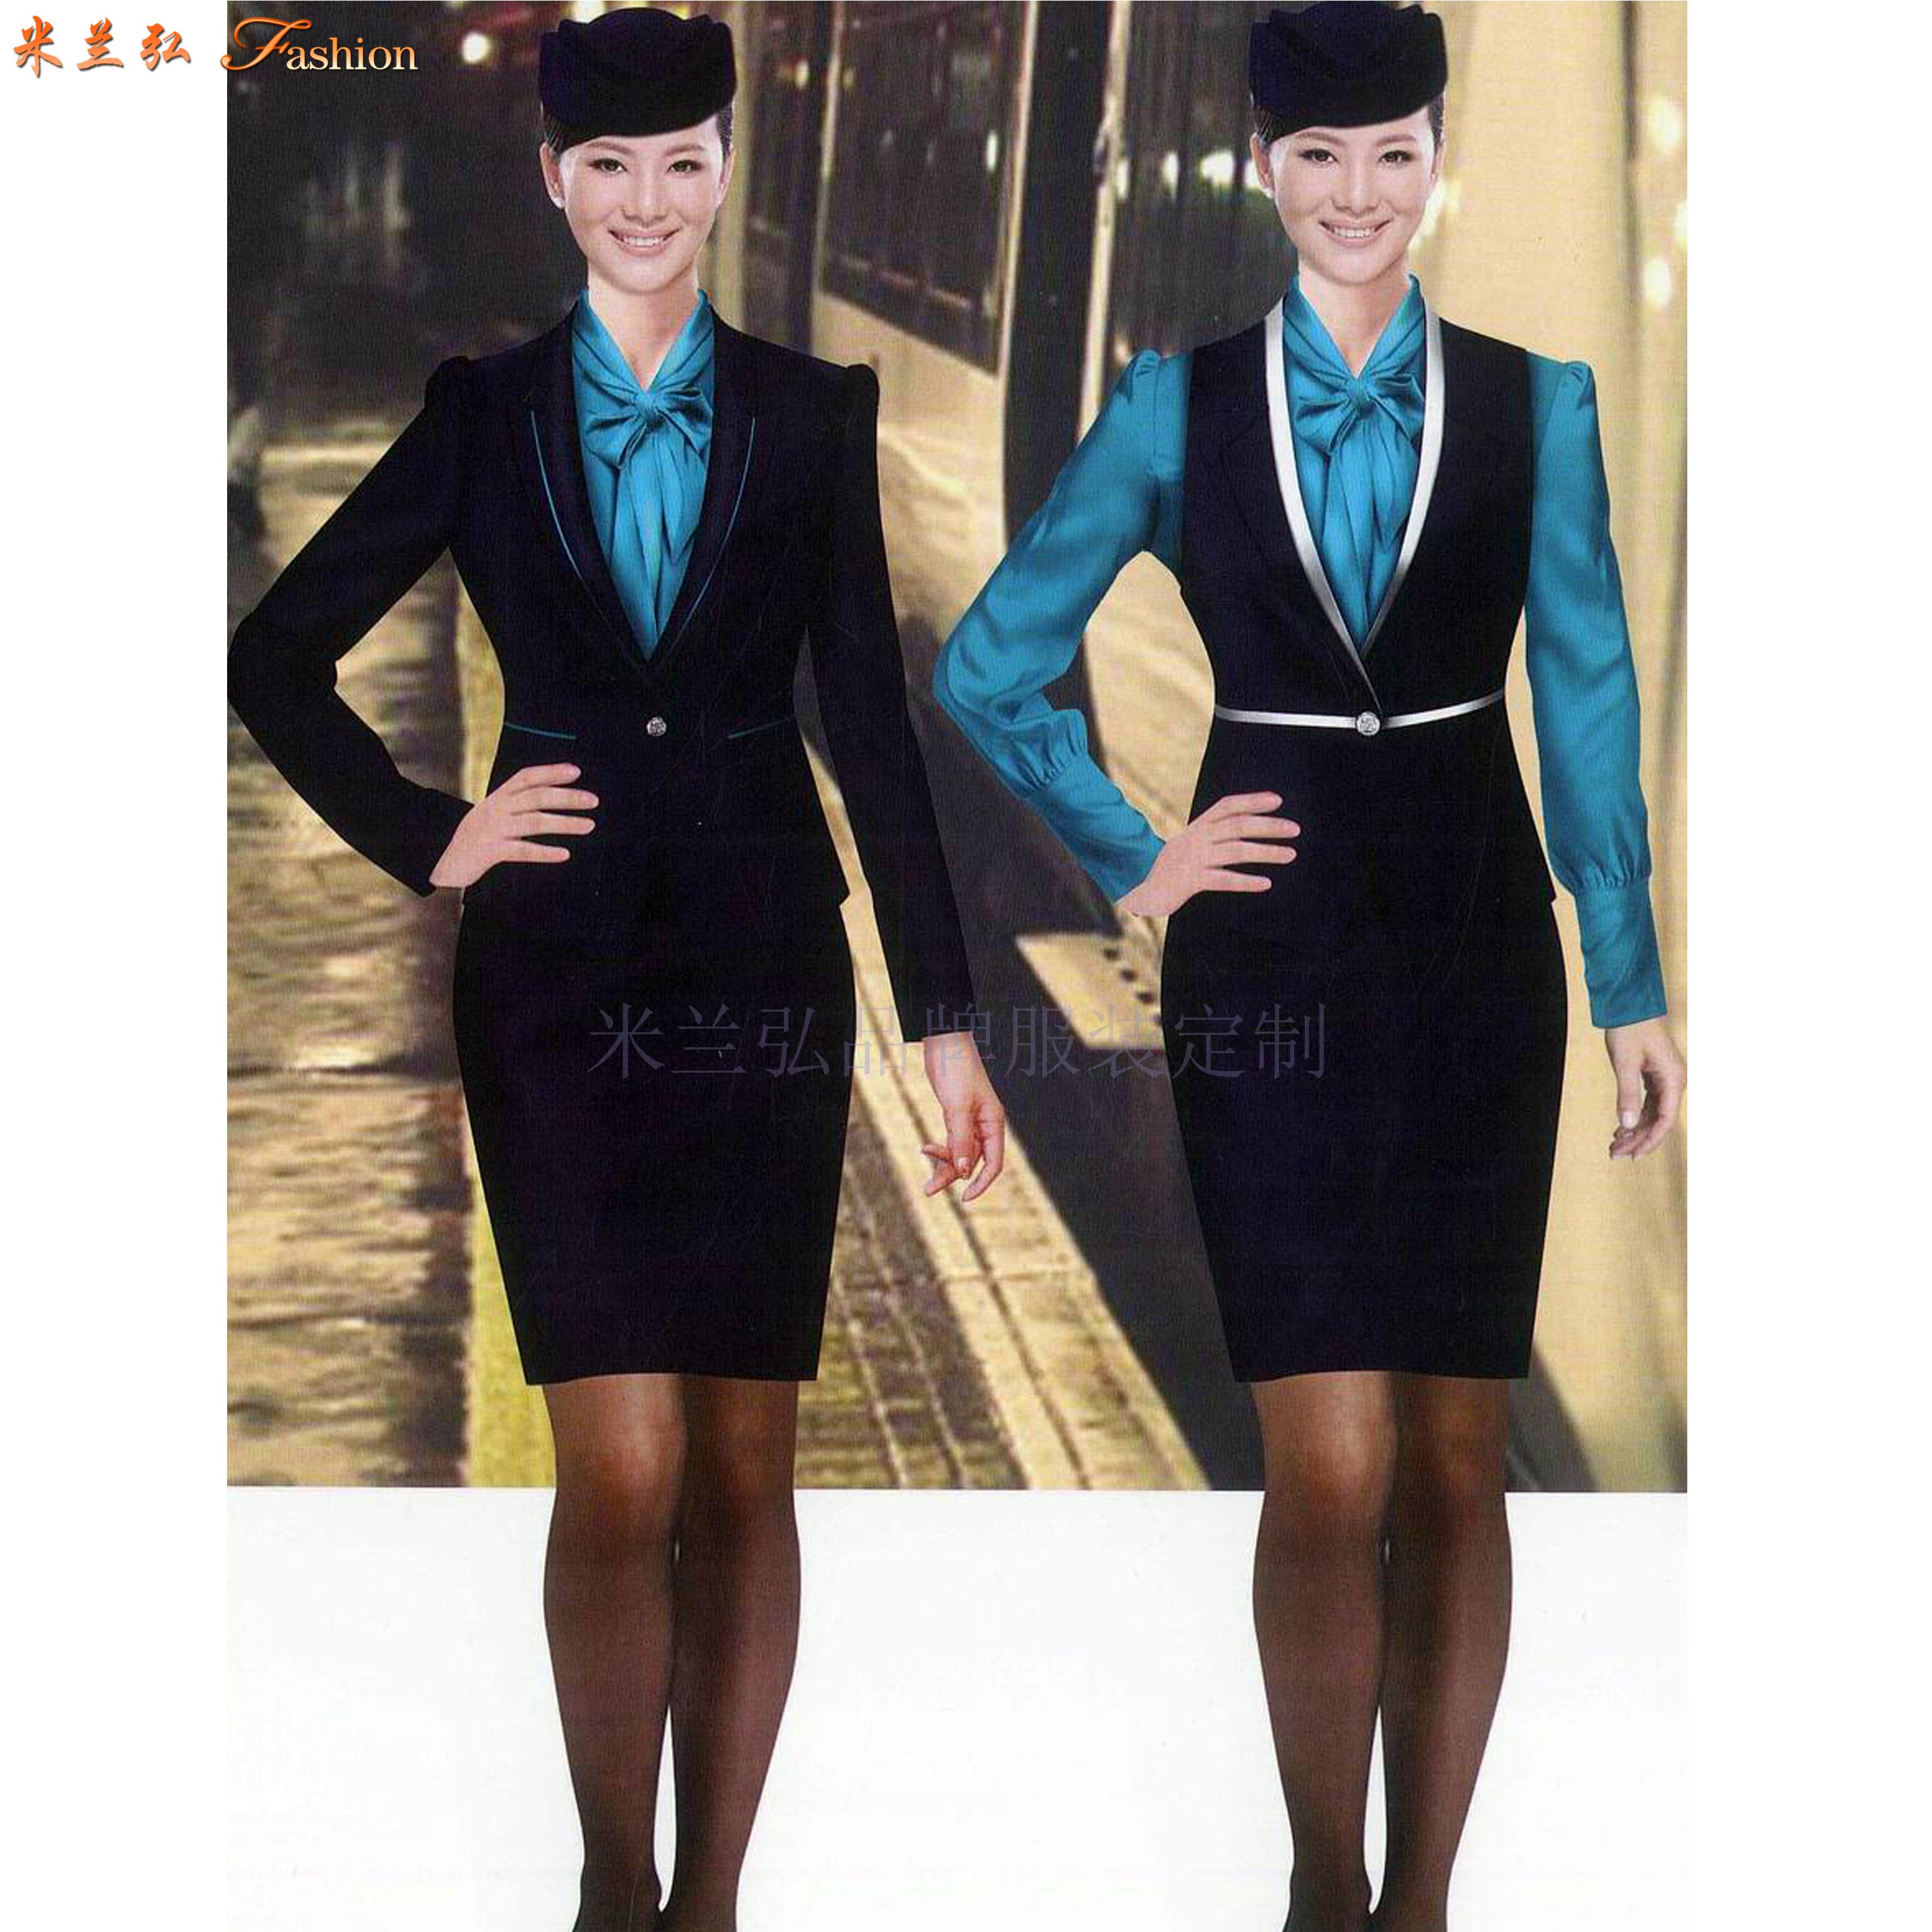 上海地鐵製服_上海地鐵工裝製服訂做-永利注册网站服裝廠家-5